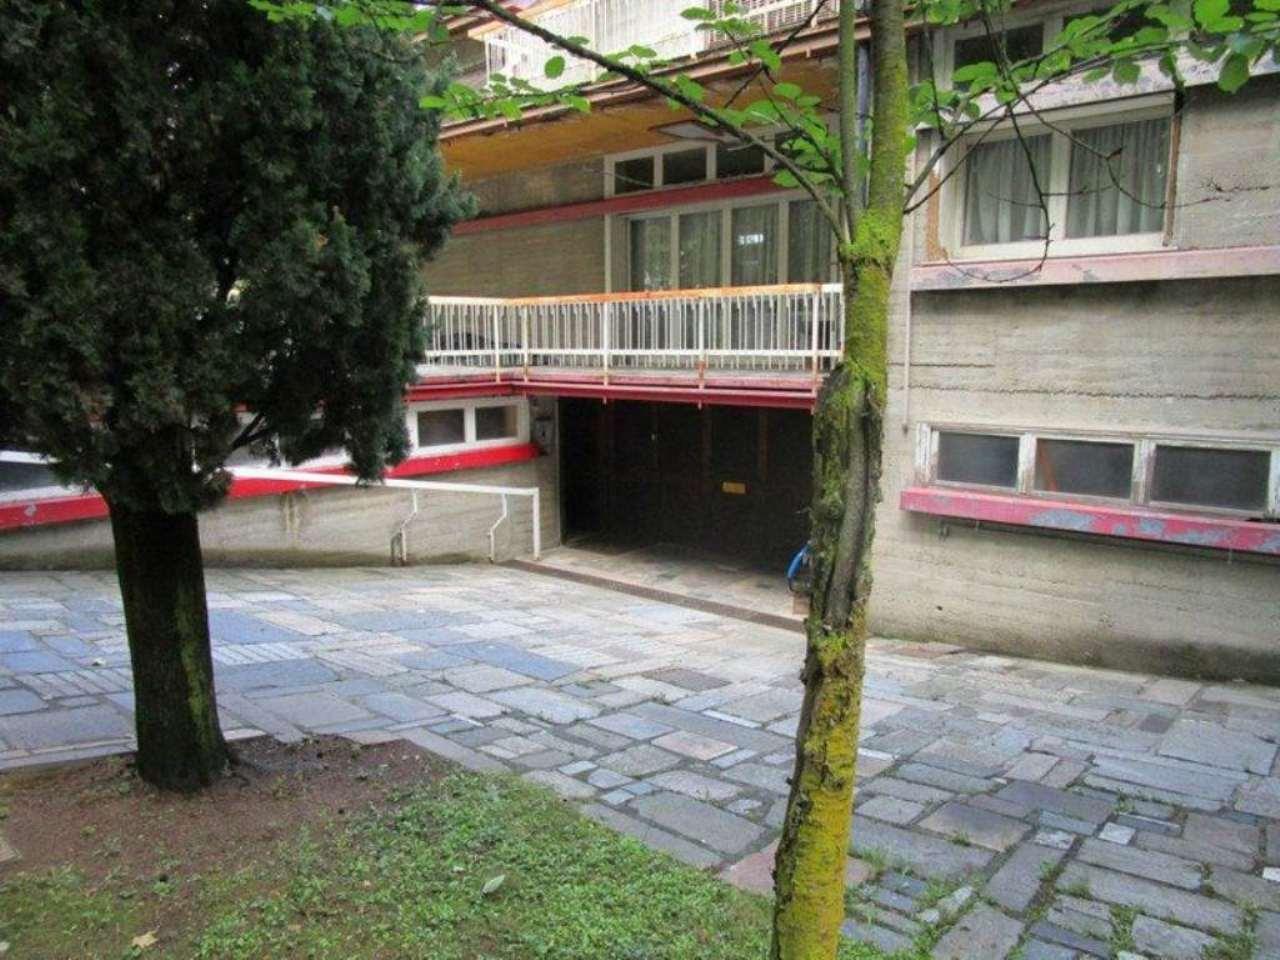 Ufficio / Studio in vendita a Lissone, 3 locali, prezzo € 95.000   Cambio Casa.it